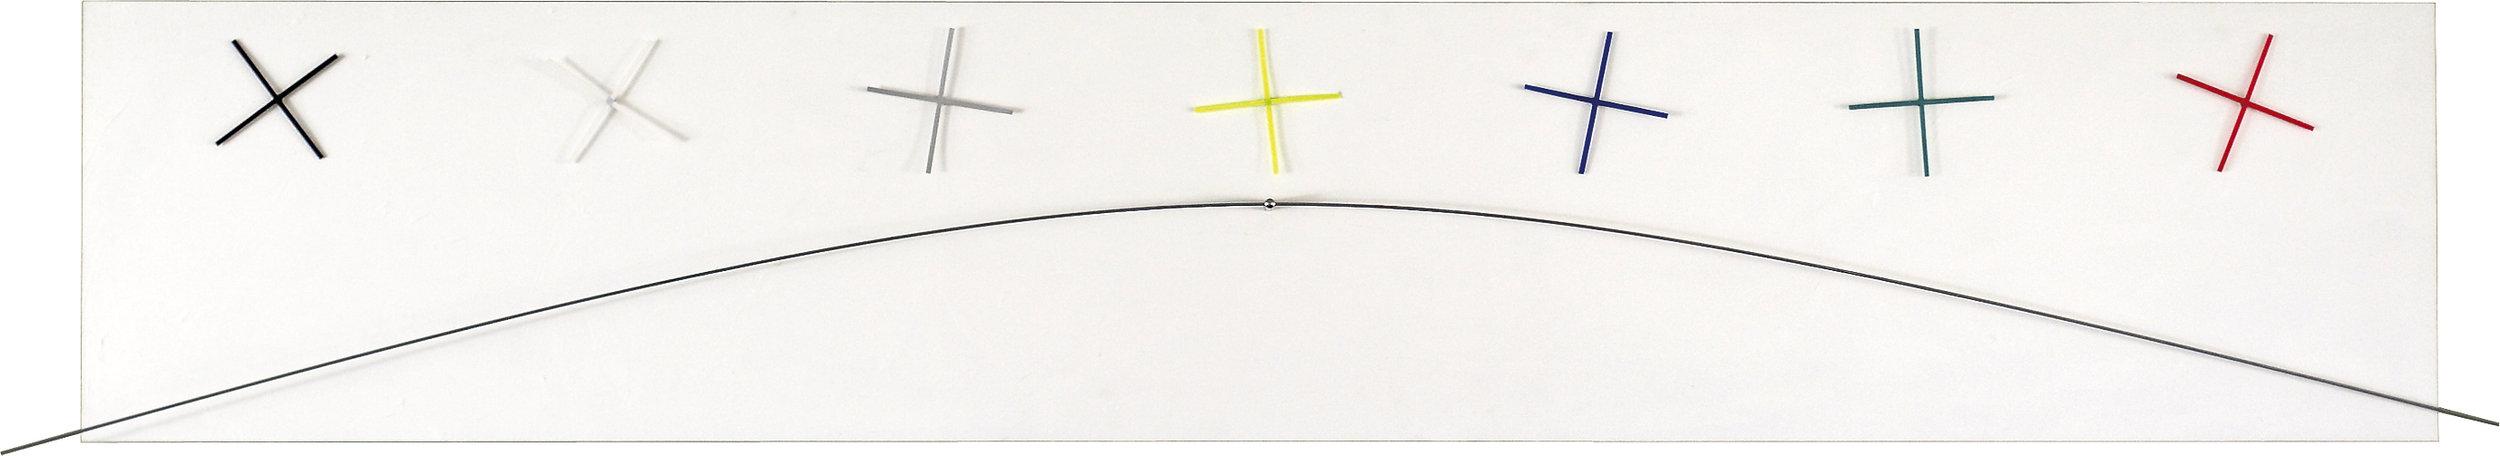 akril, les, nerjaveče jeklo, 7 urnih mehanizmov, 40 x 230 cm, 2002